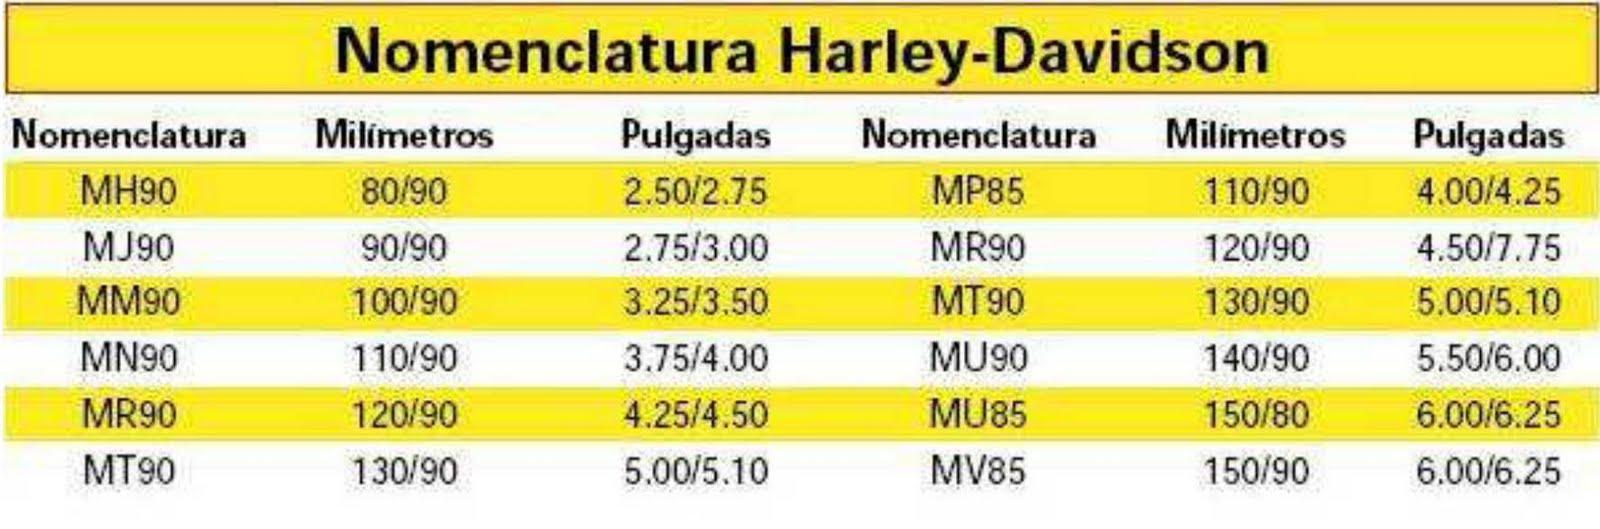 Equivalencias neumáticos Harley-Davidson